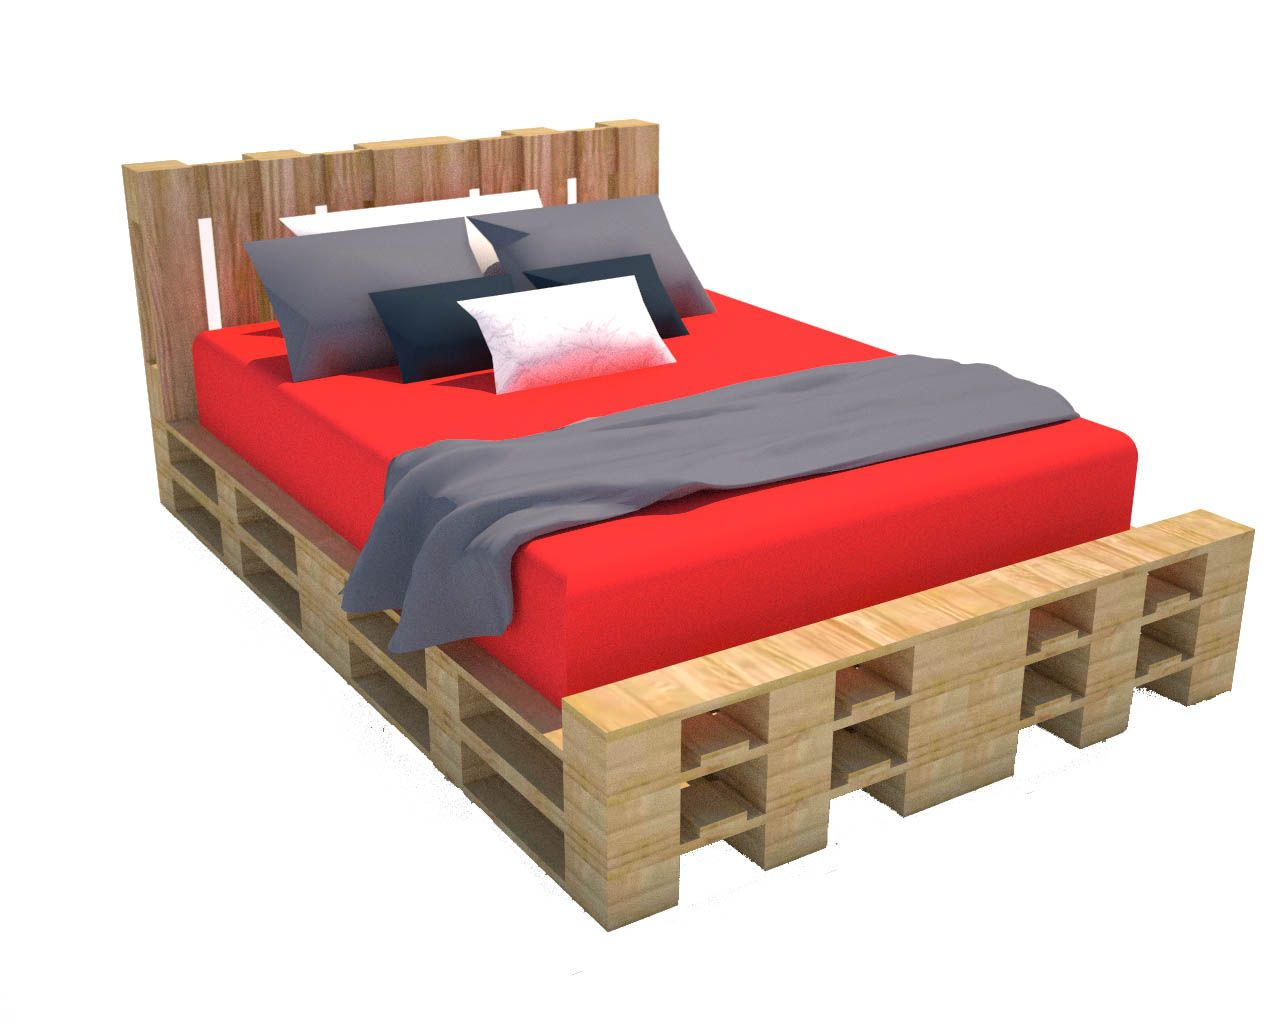 Costruire Mobili Con Pallet : Come costruire un letto con pallet riciclati progetto totalmente